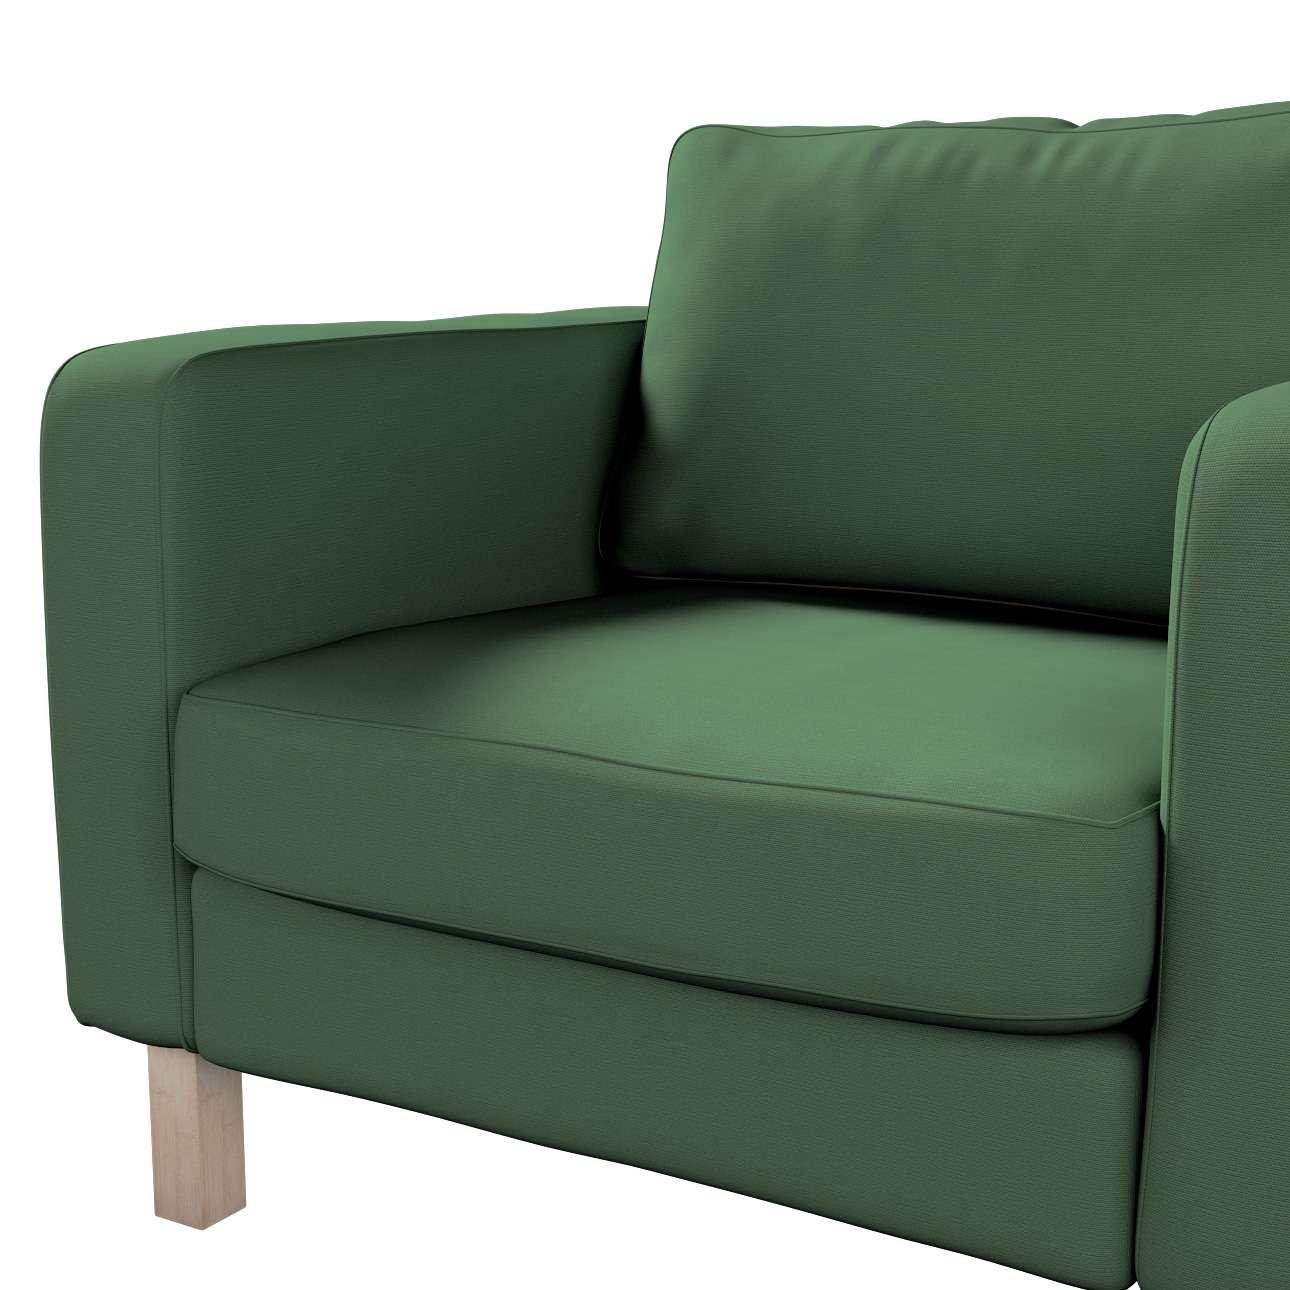 Pokrowiec na fotel Karlstad, krótki w kolekcji Cotton Panama, tkanina: 702-06